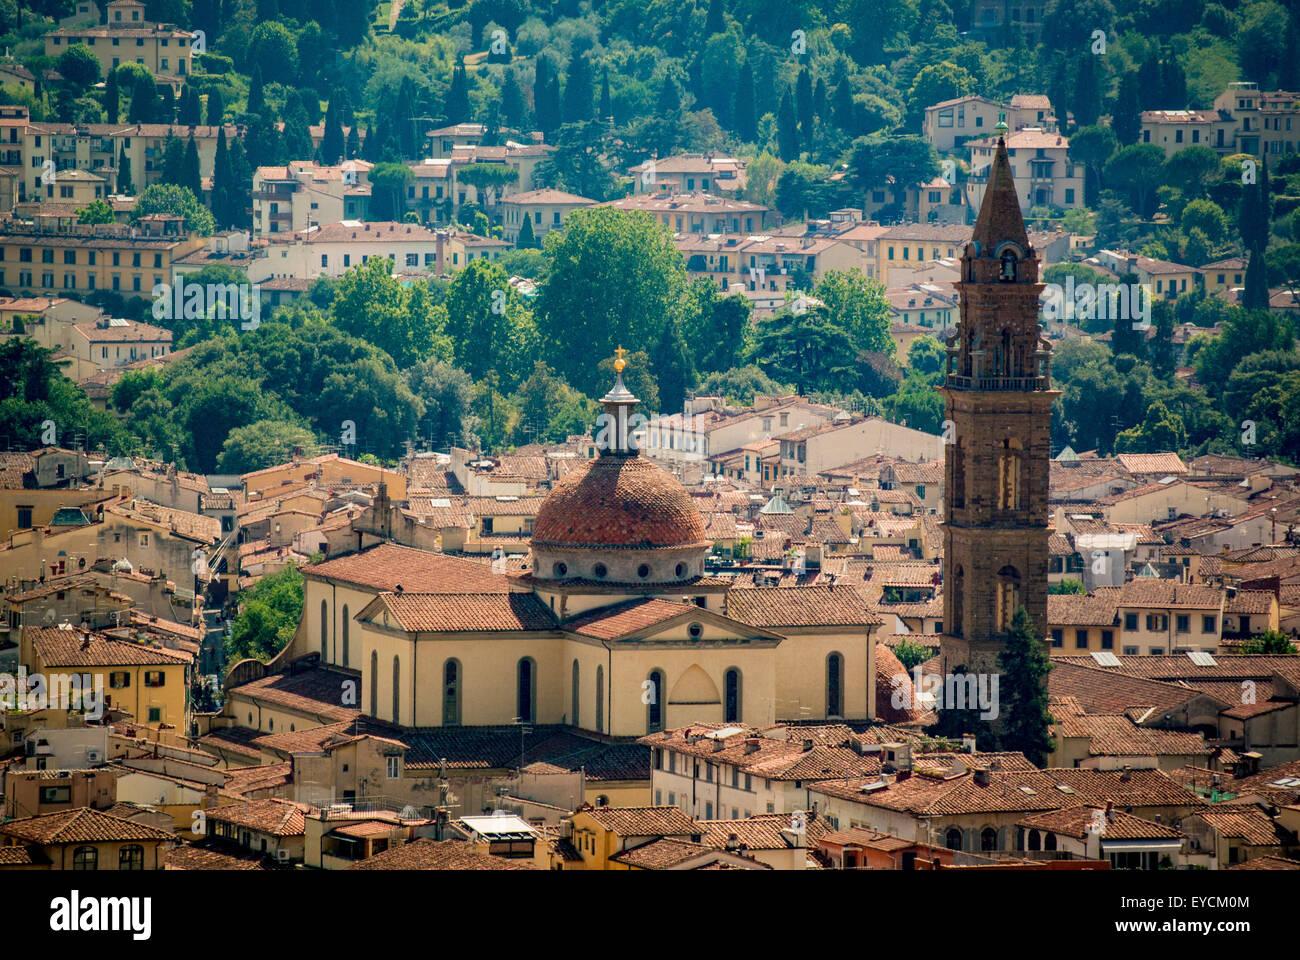 The Basilica of Santa Maria del Santo Spirito. - Stock Image